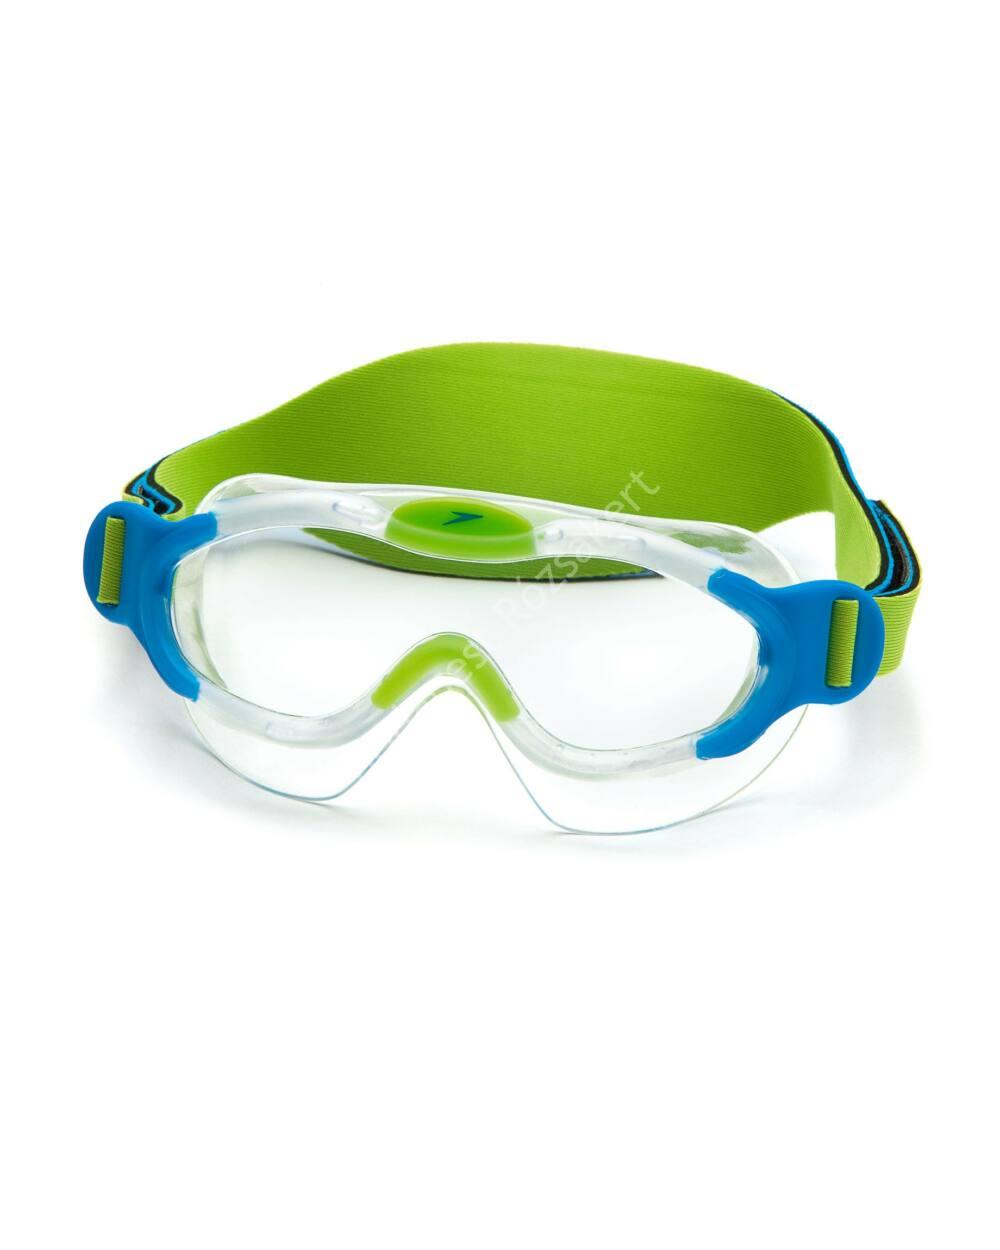 Speedo sea squad mask 2-6 éves korig, kék